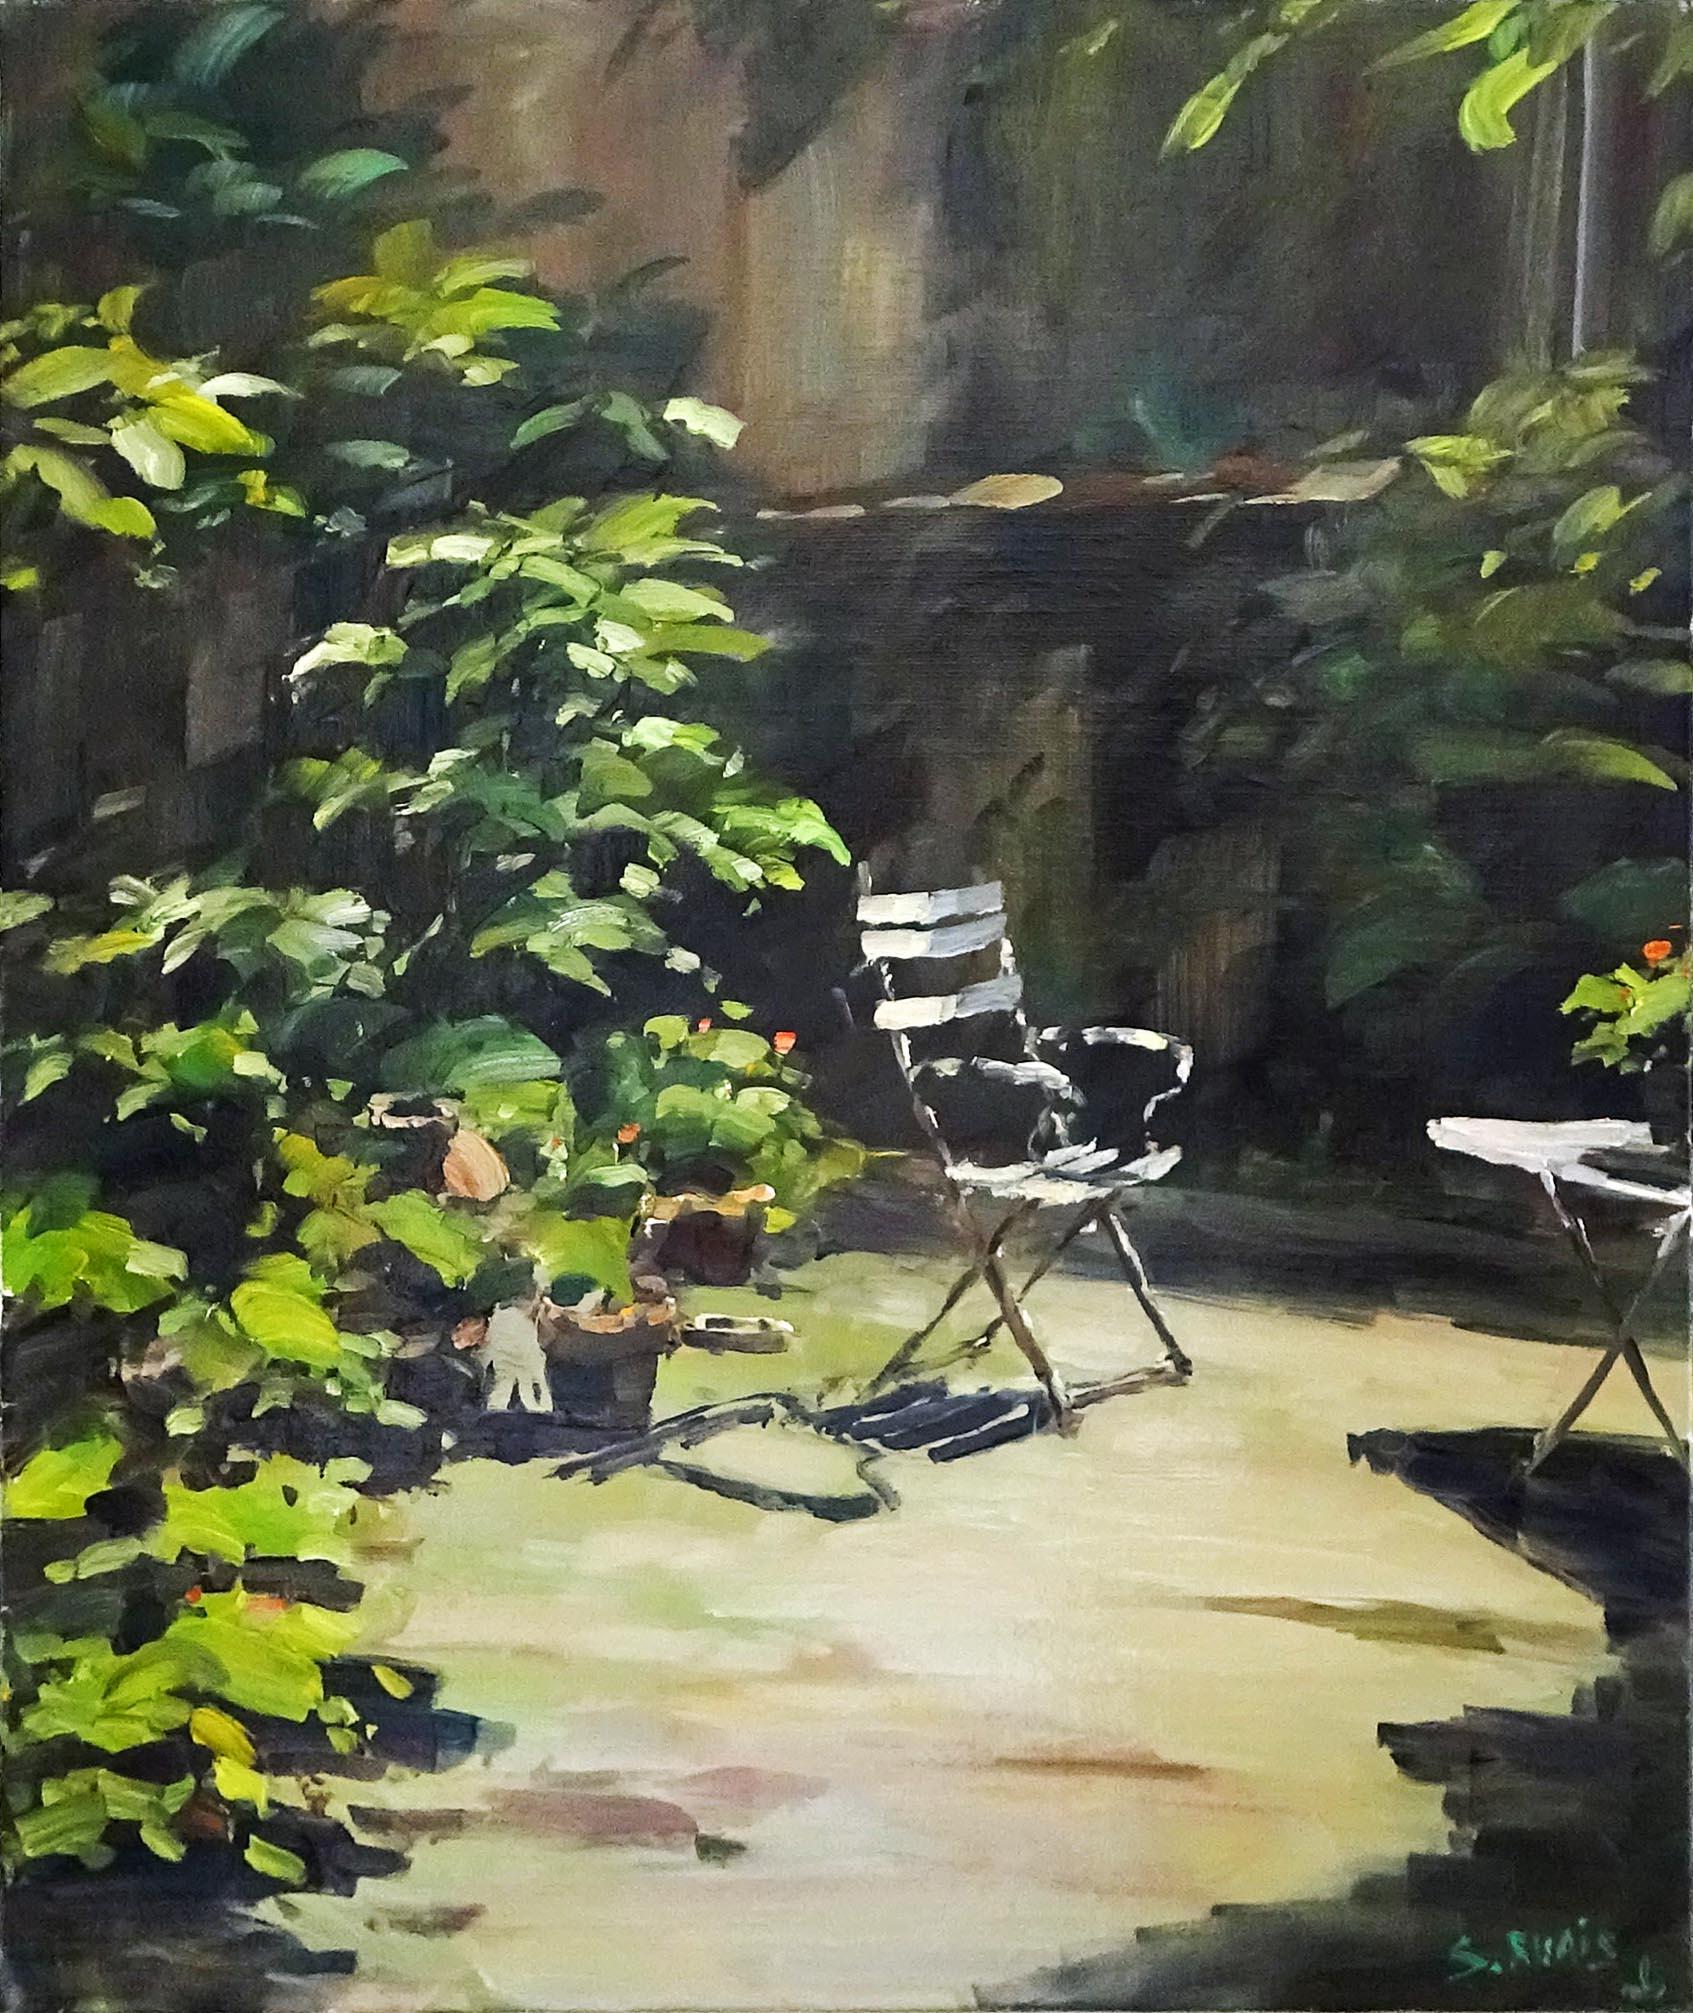 Stéphane RUAIS - n°9 Soleil du matin dans mon jardin 10F 55X46cm - Huile sur toile